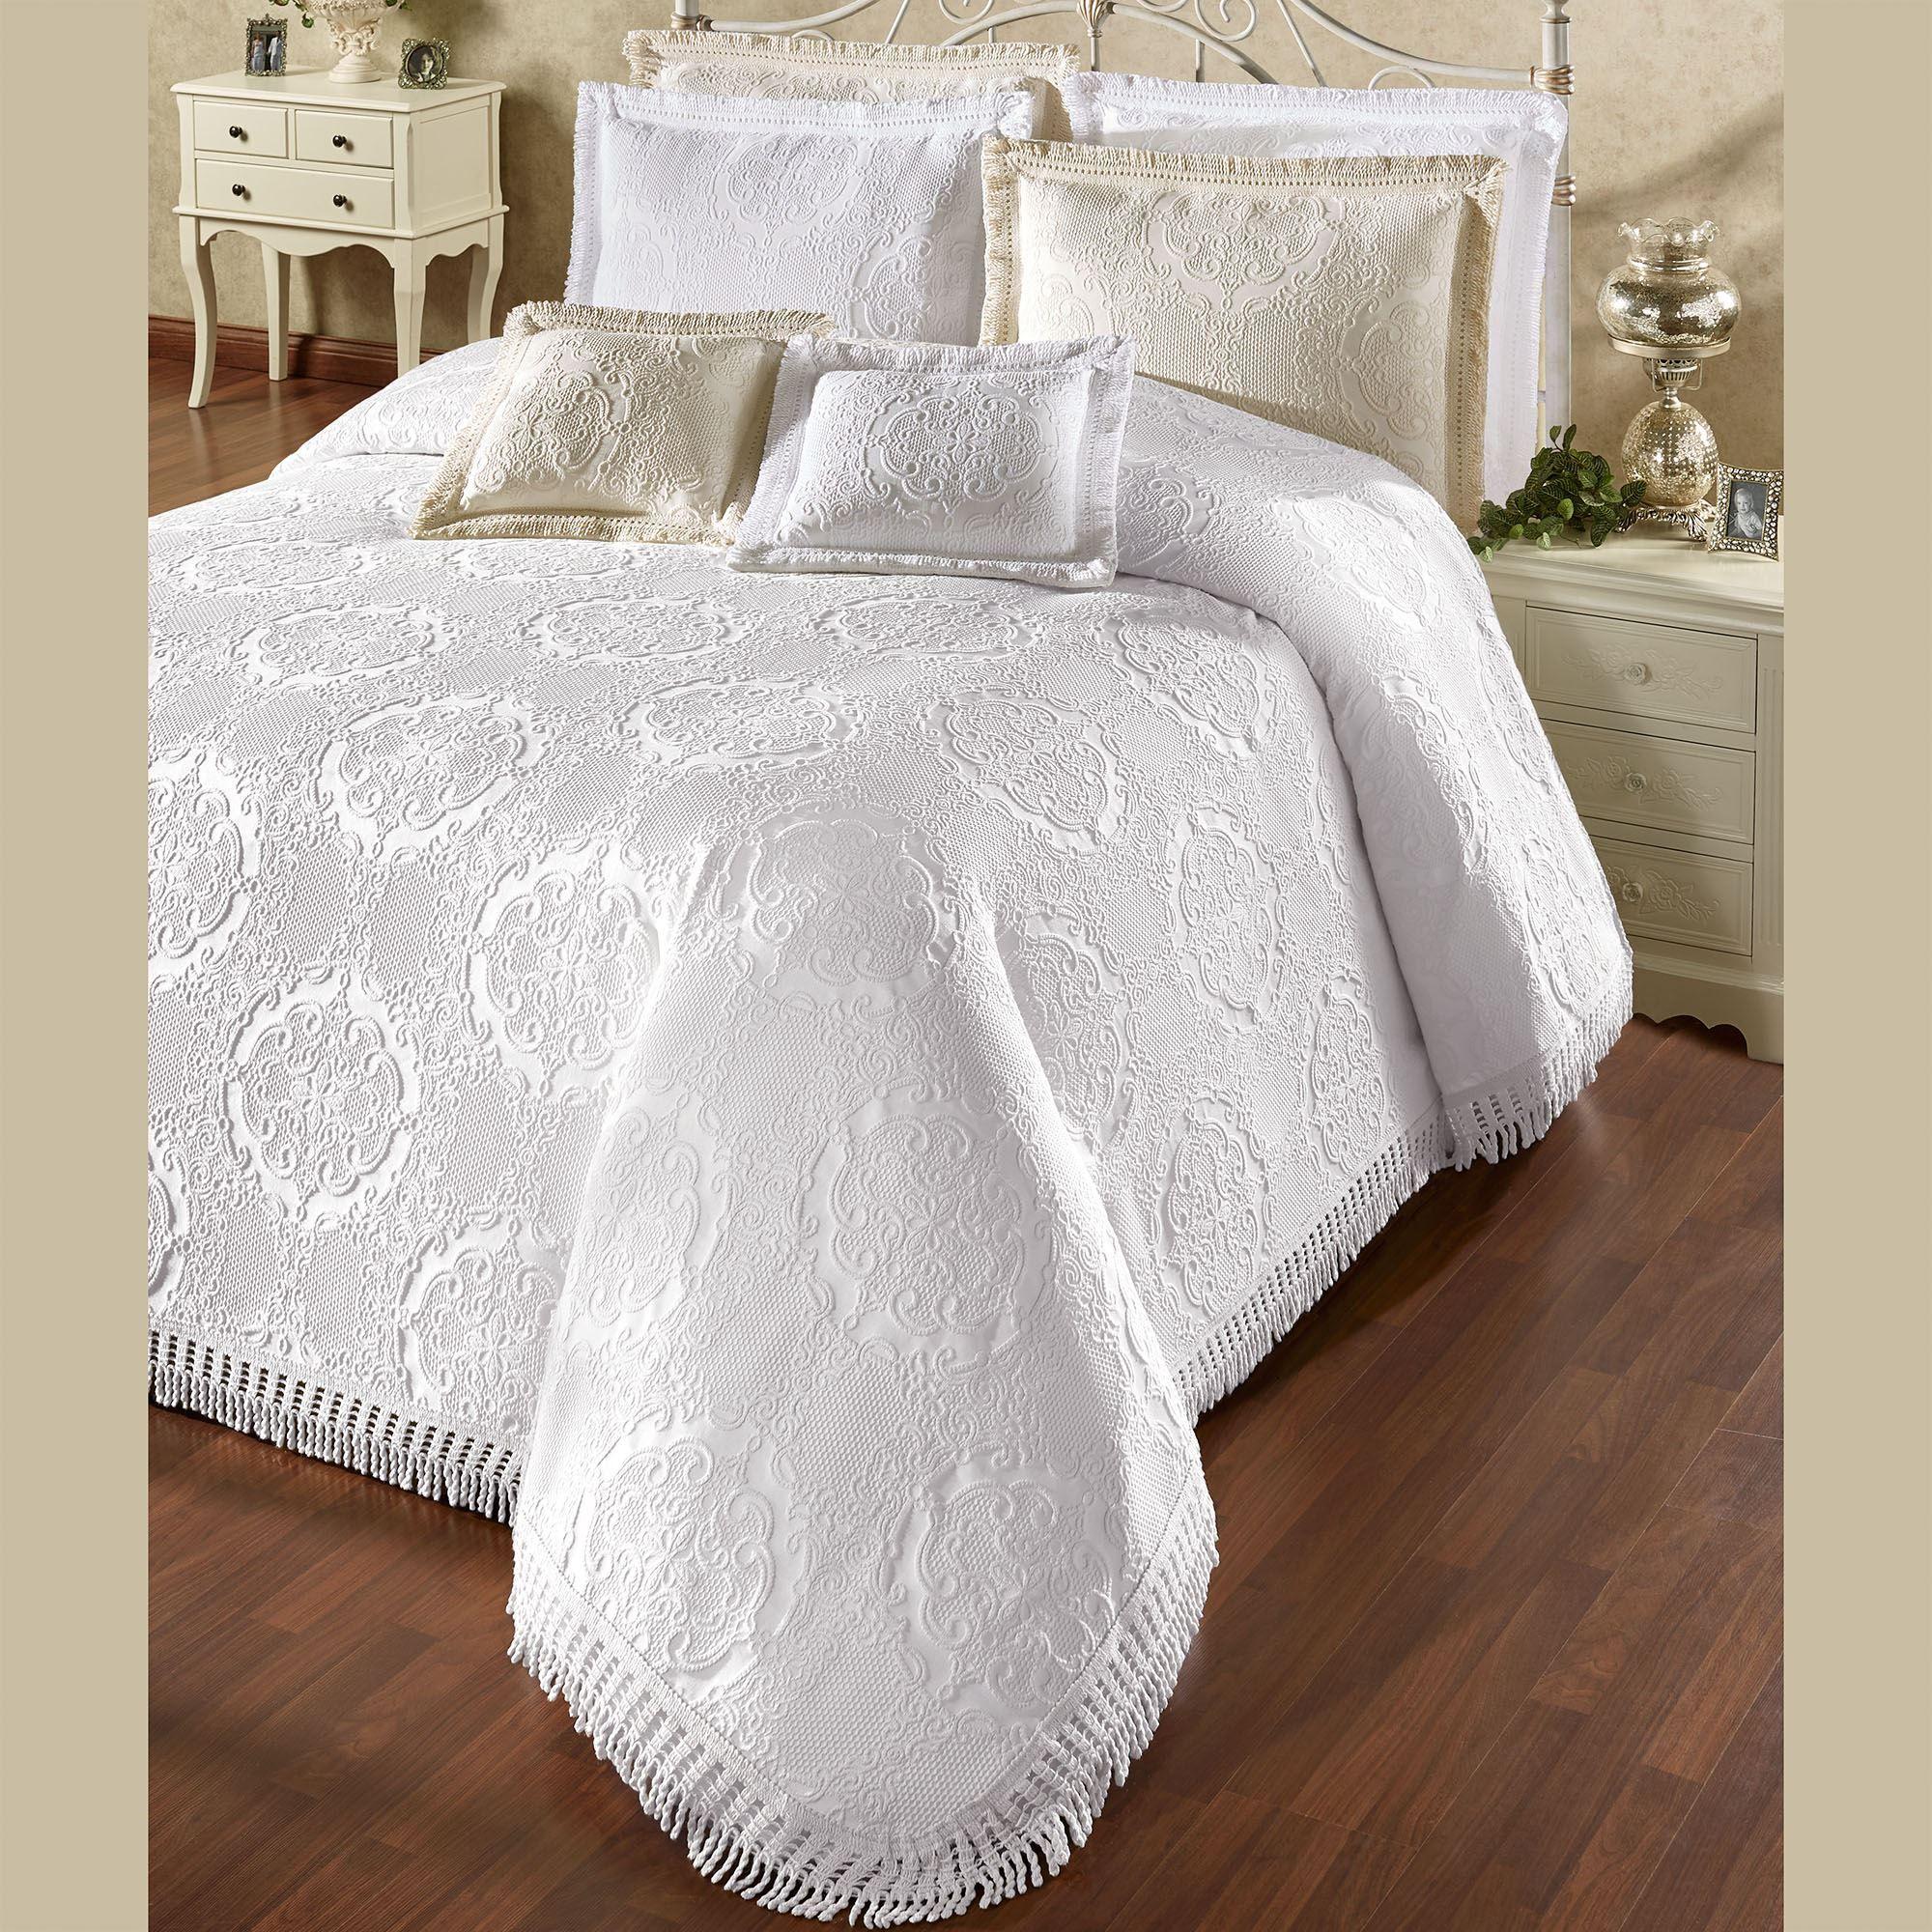 Elegant Medallion White Woven Matelasse Oversized Bedspread